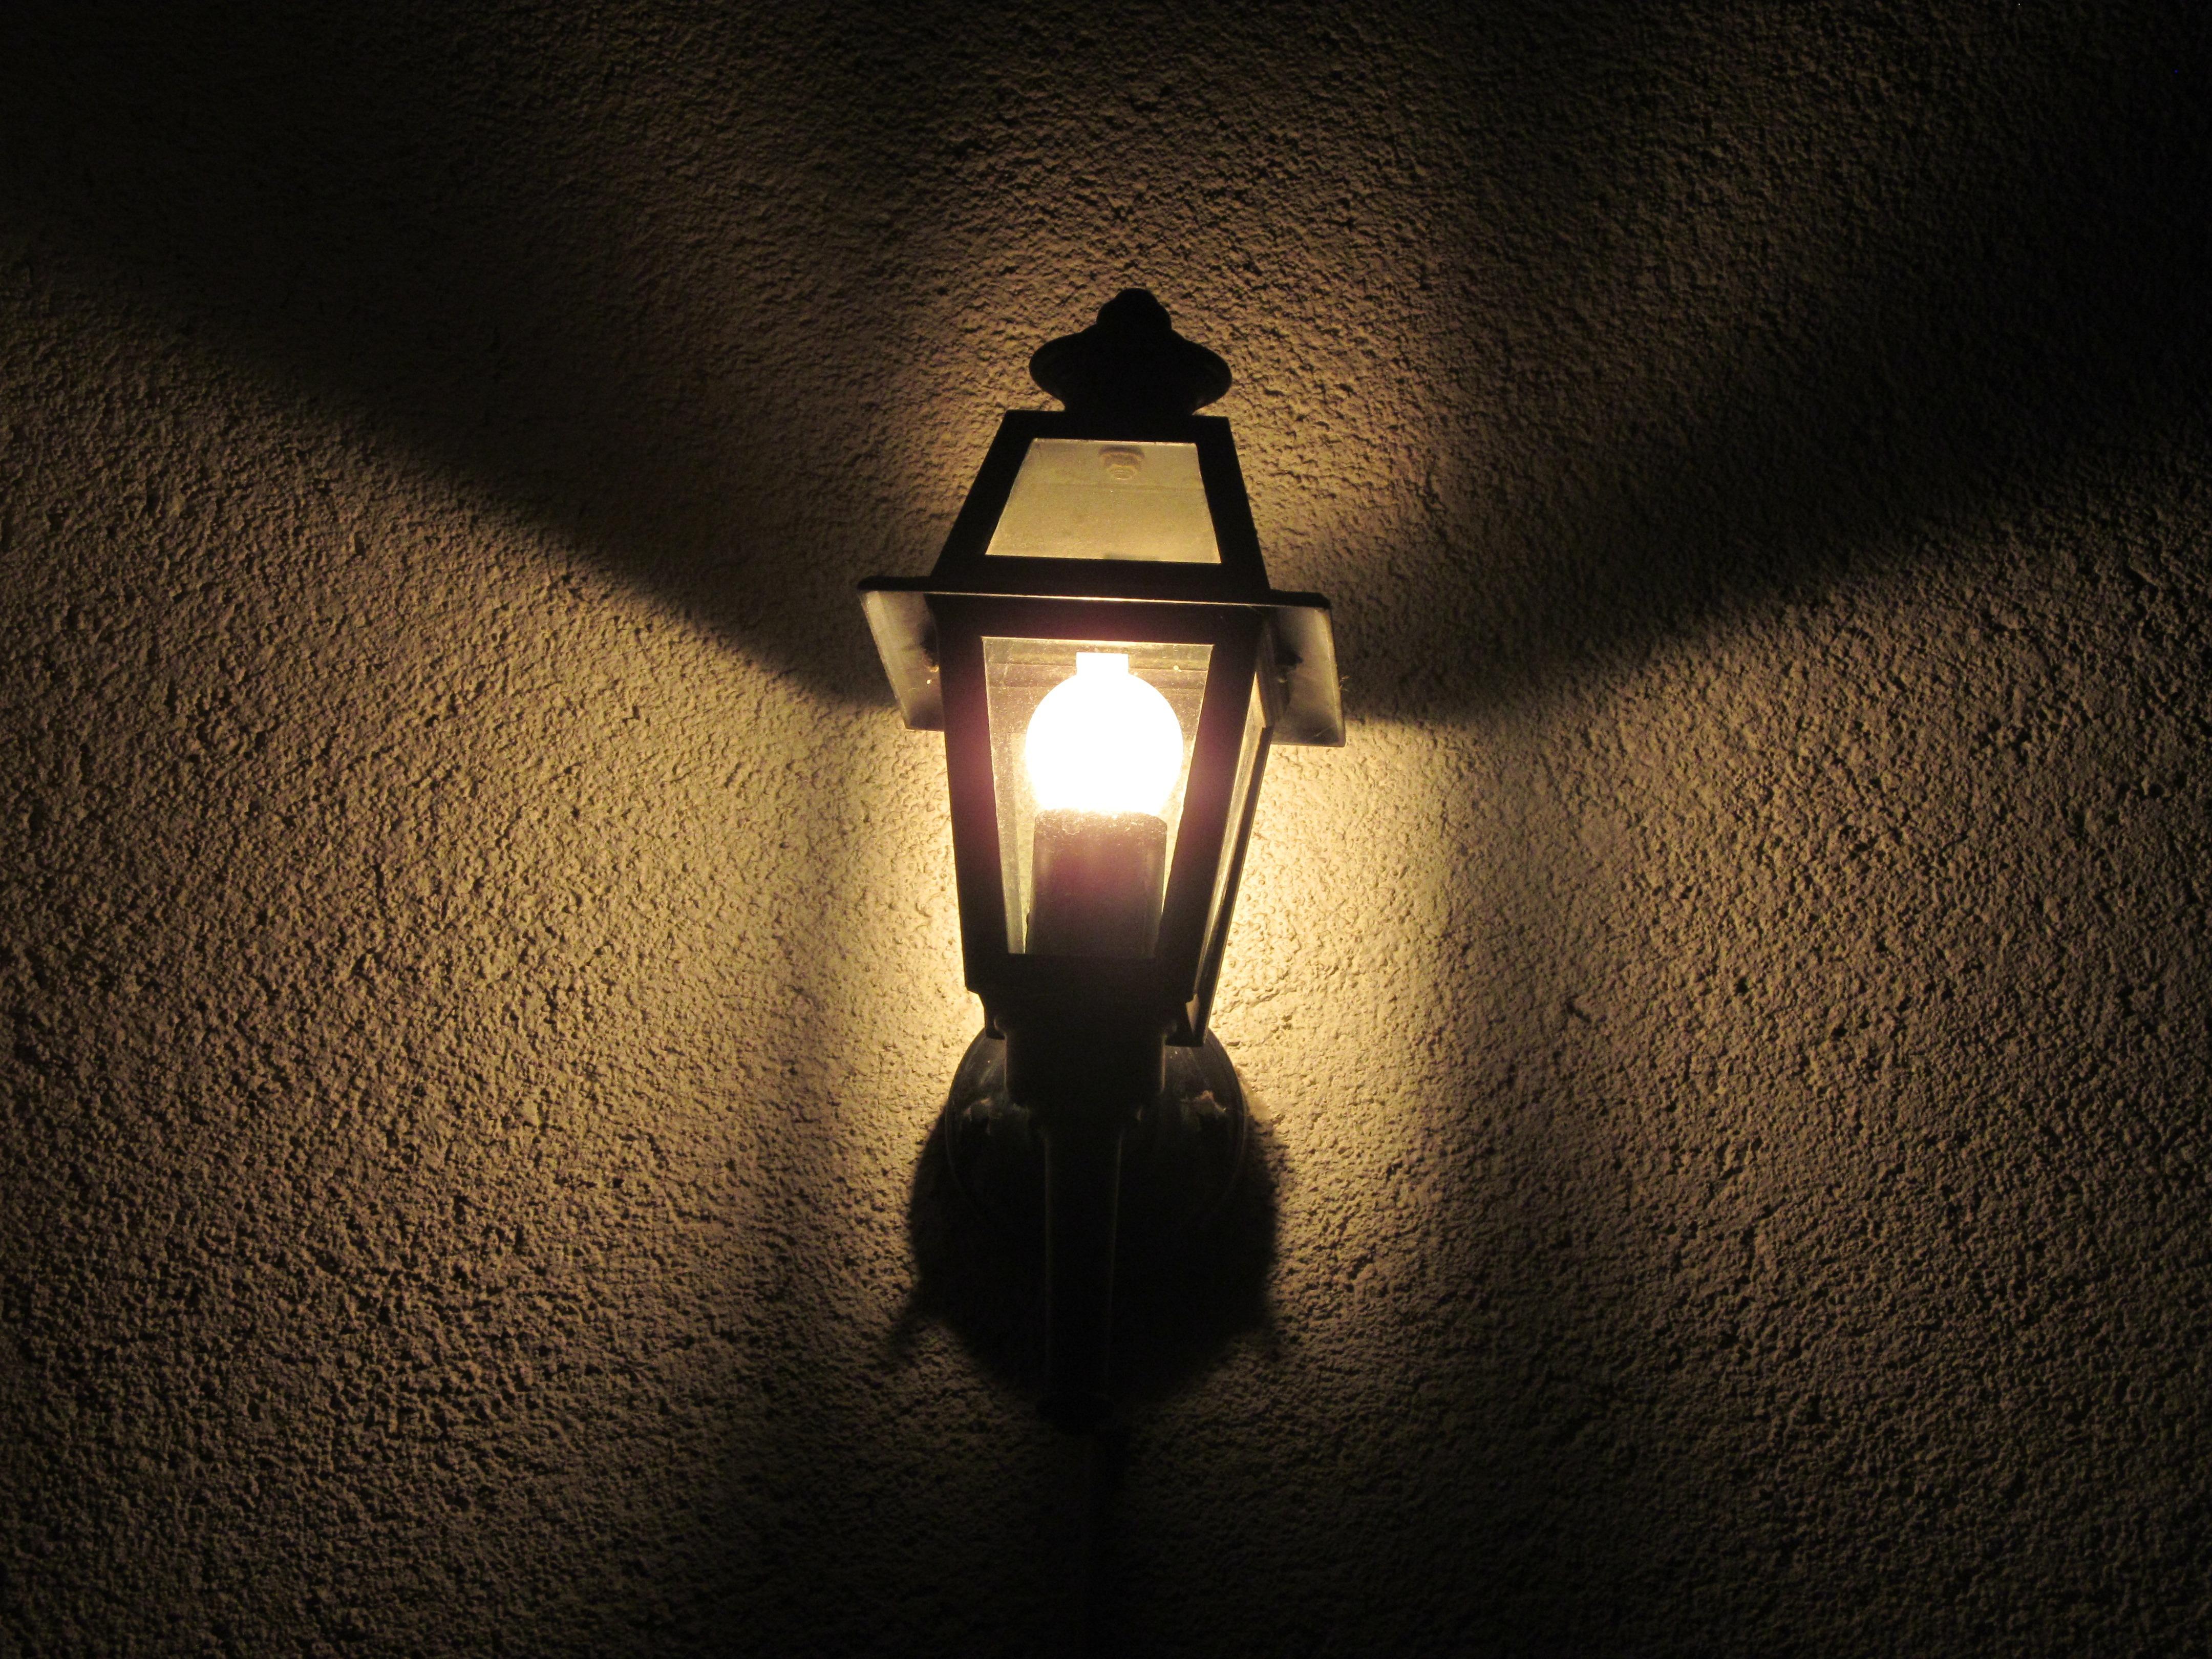 Картинка лампочки в темноте